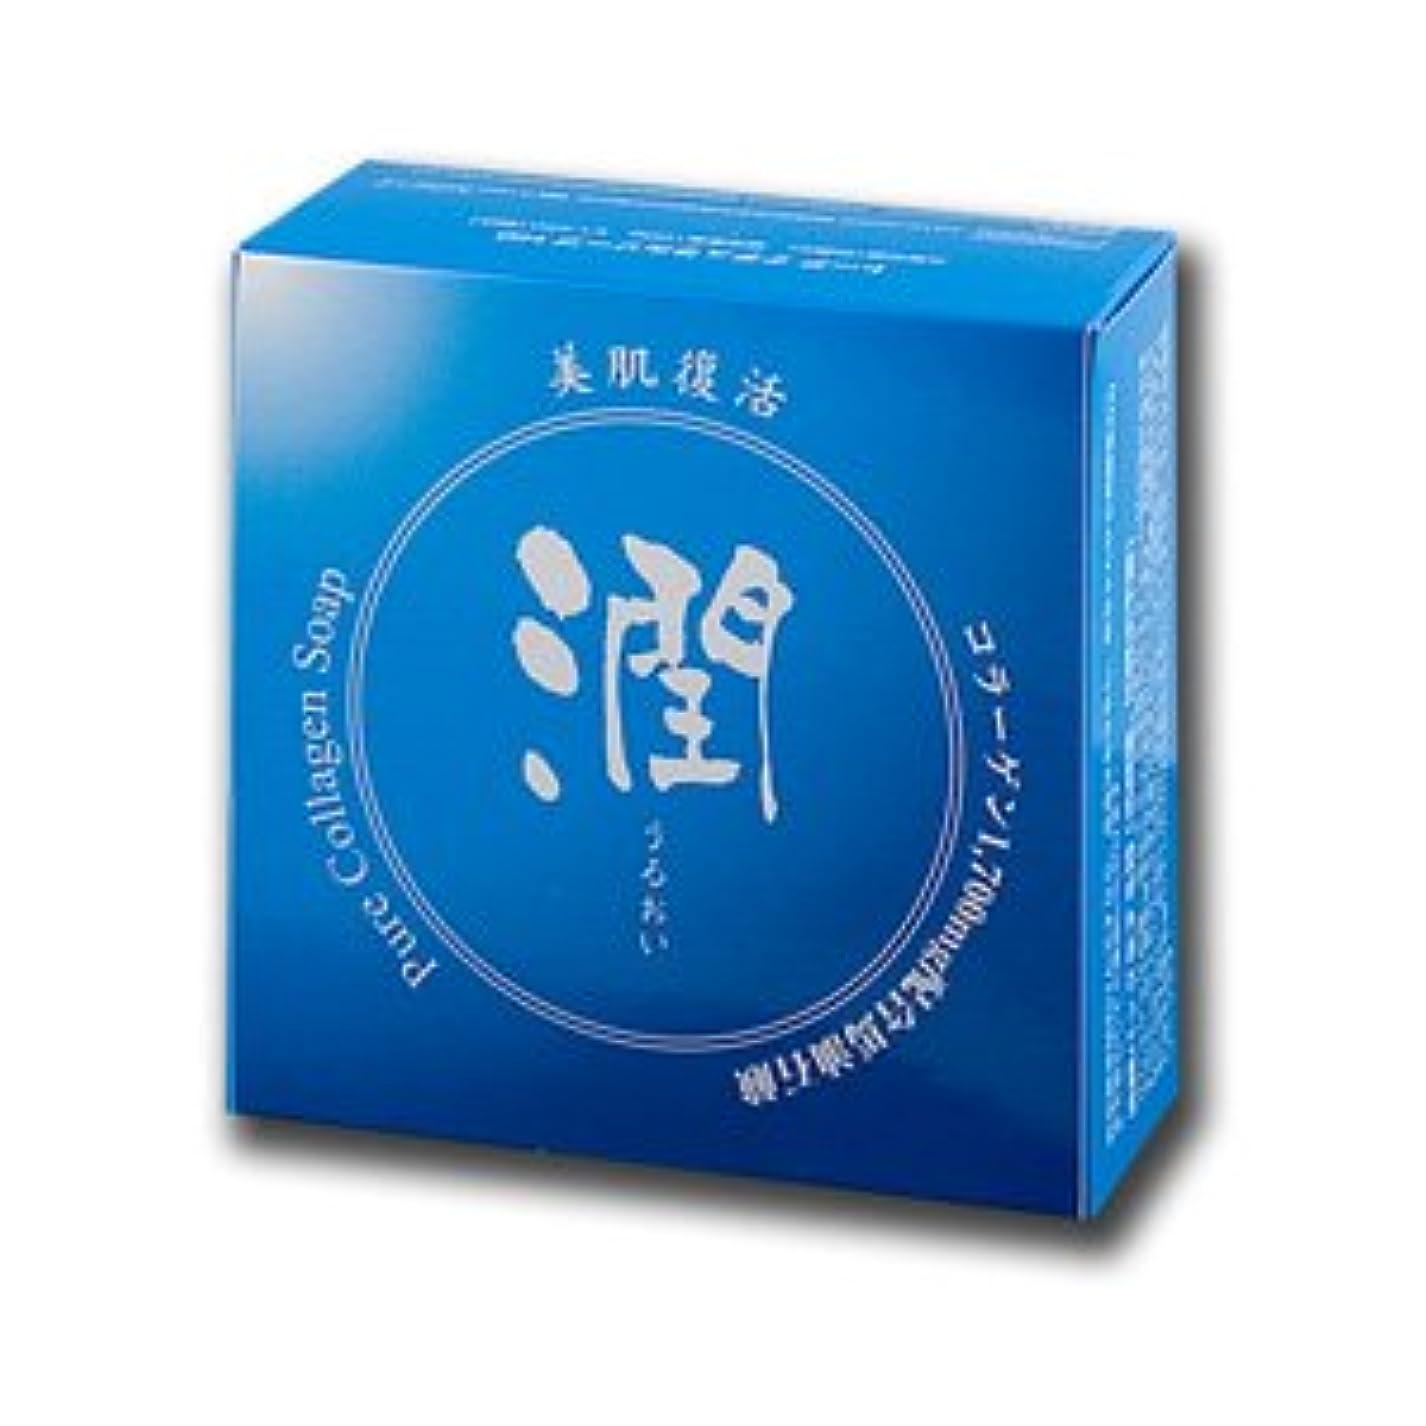 守る窒息させる契約するコラーゲン馬油石鹸 潤 100g (#800410) ×6個セット